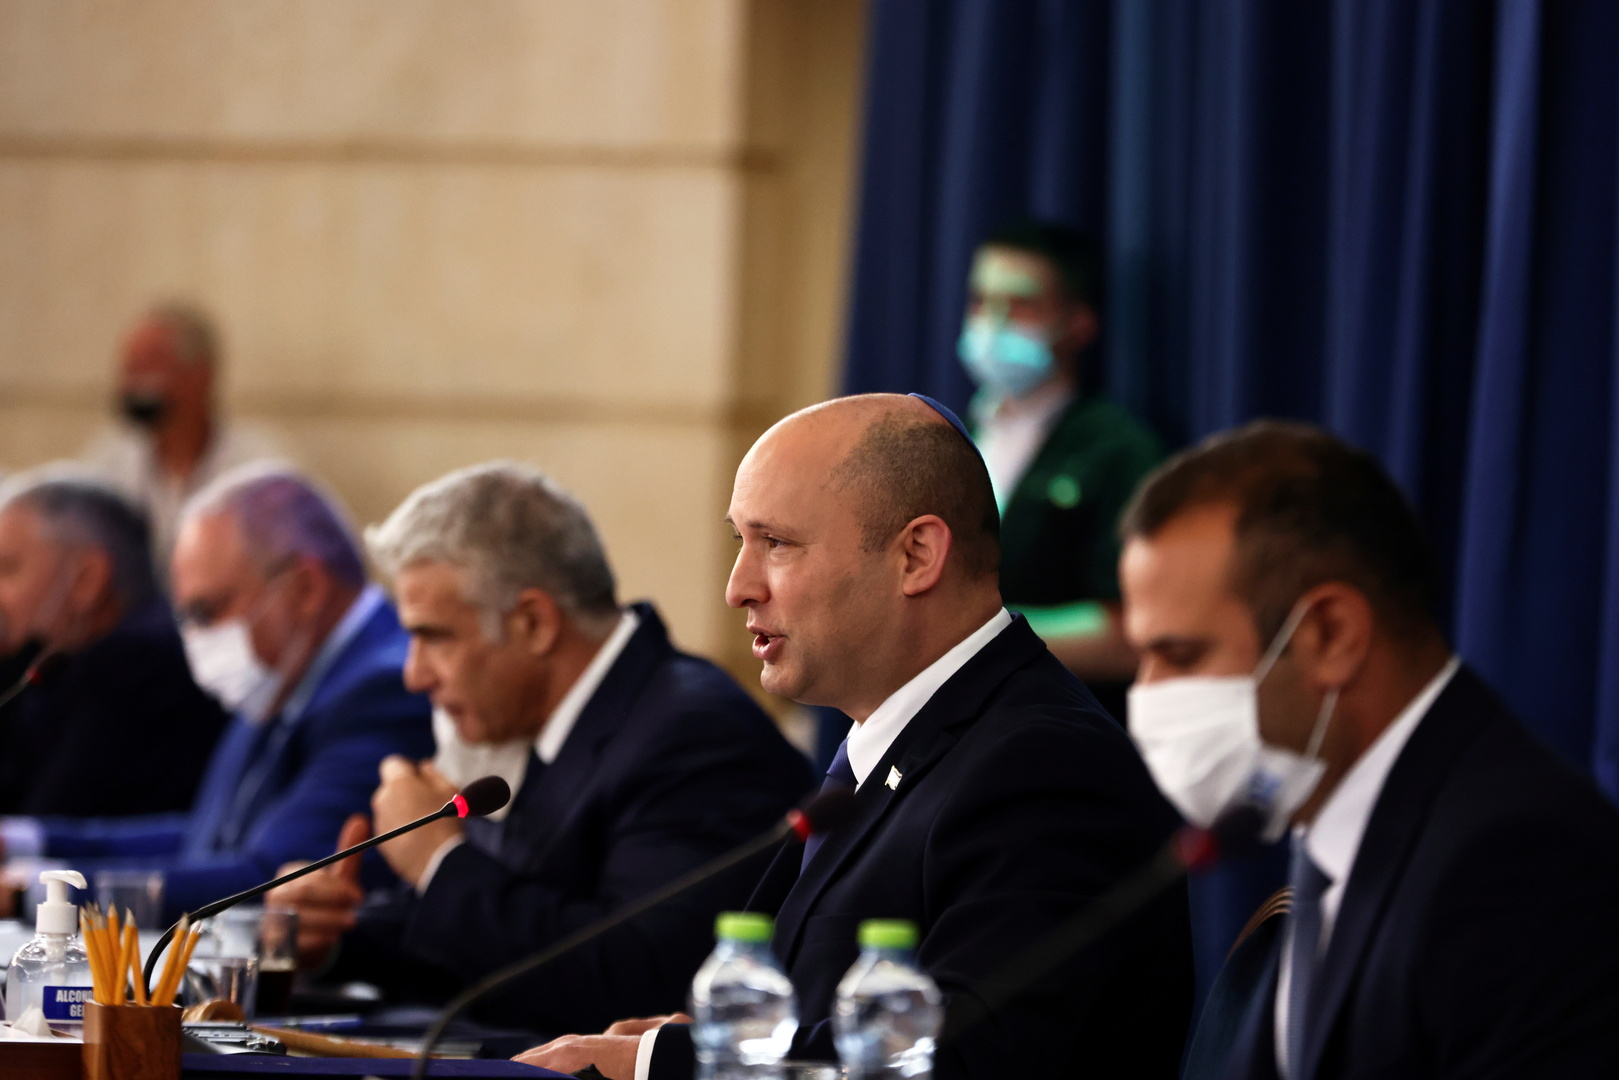 وسائل إعلام: وزراء إسرائيليون يطالبون بتشديد ظروف احتجاز المعتقلين الفلسطينيين